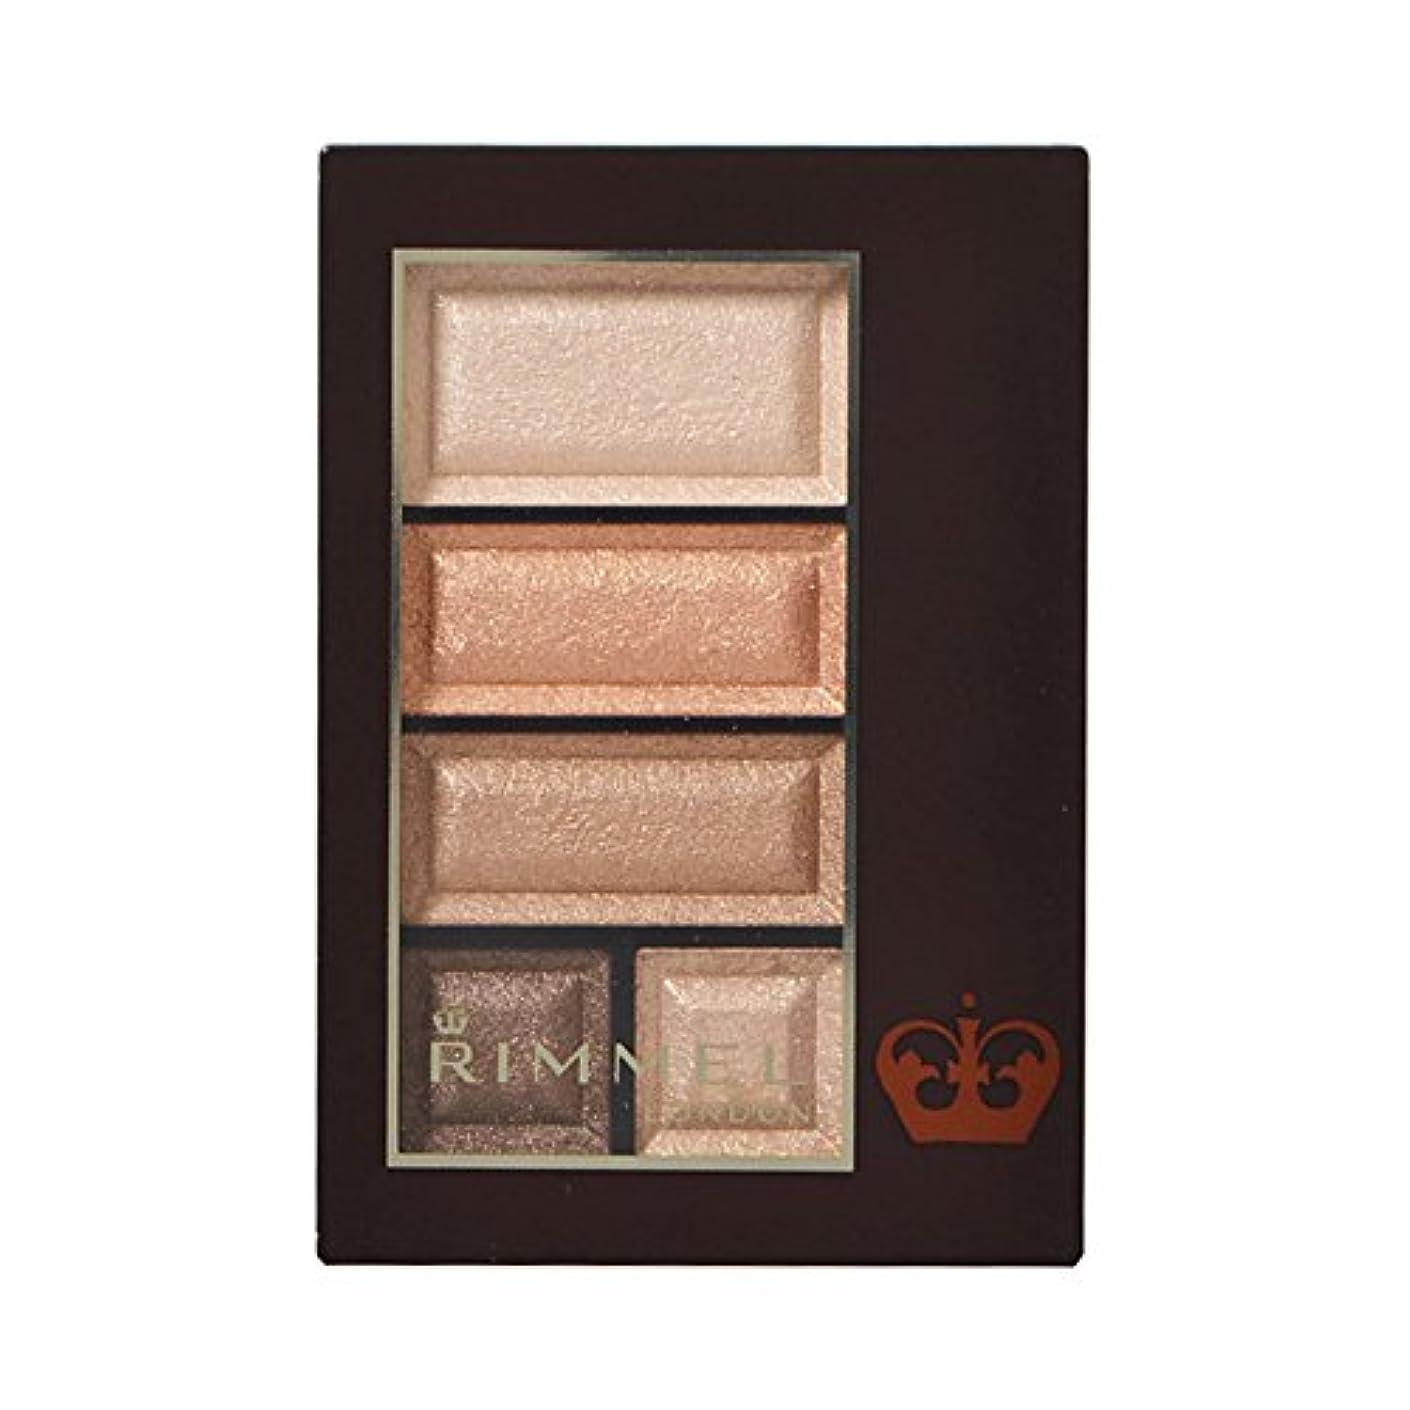 印象的黒板お気に入りリンメル ショコラスウィートアイズ 014 オランジェットショコラ 4.6g